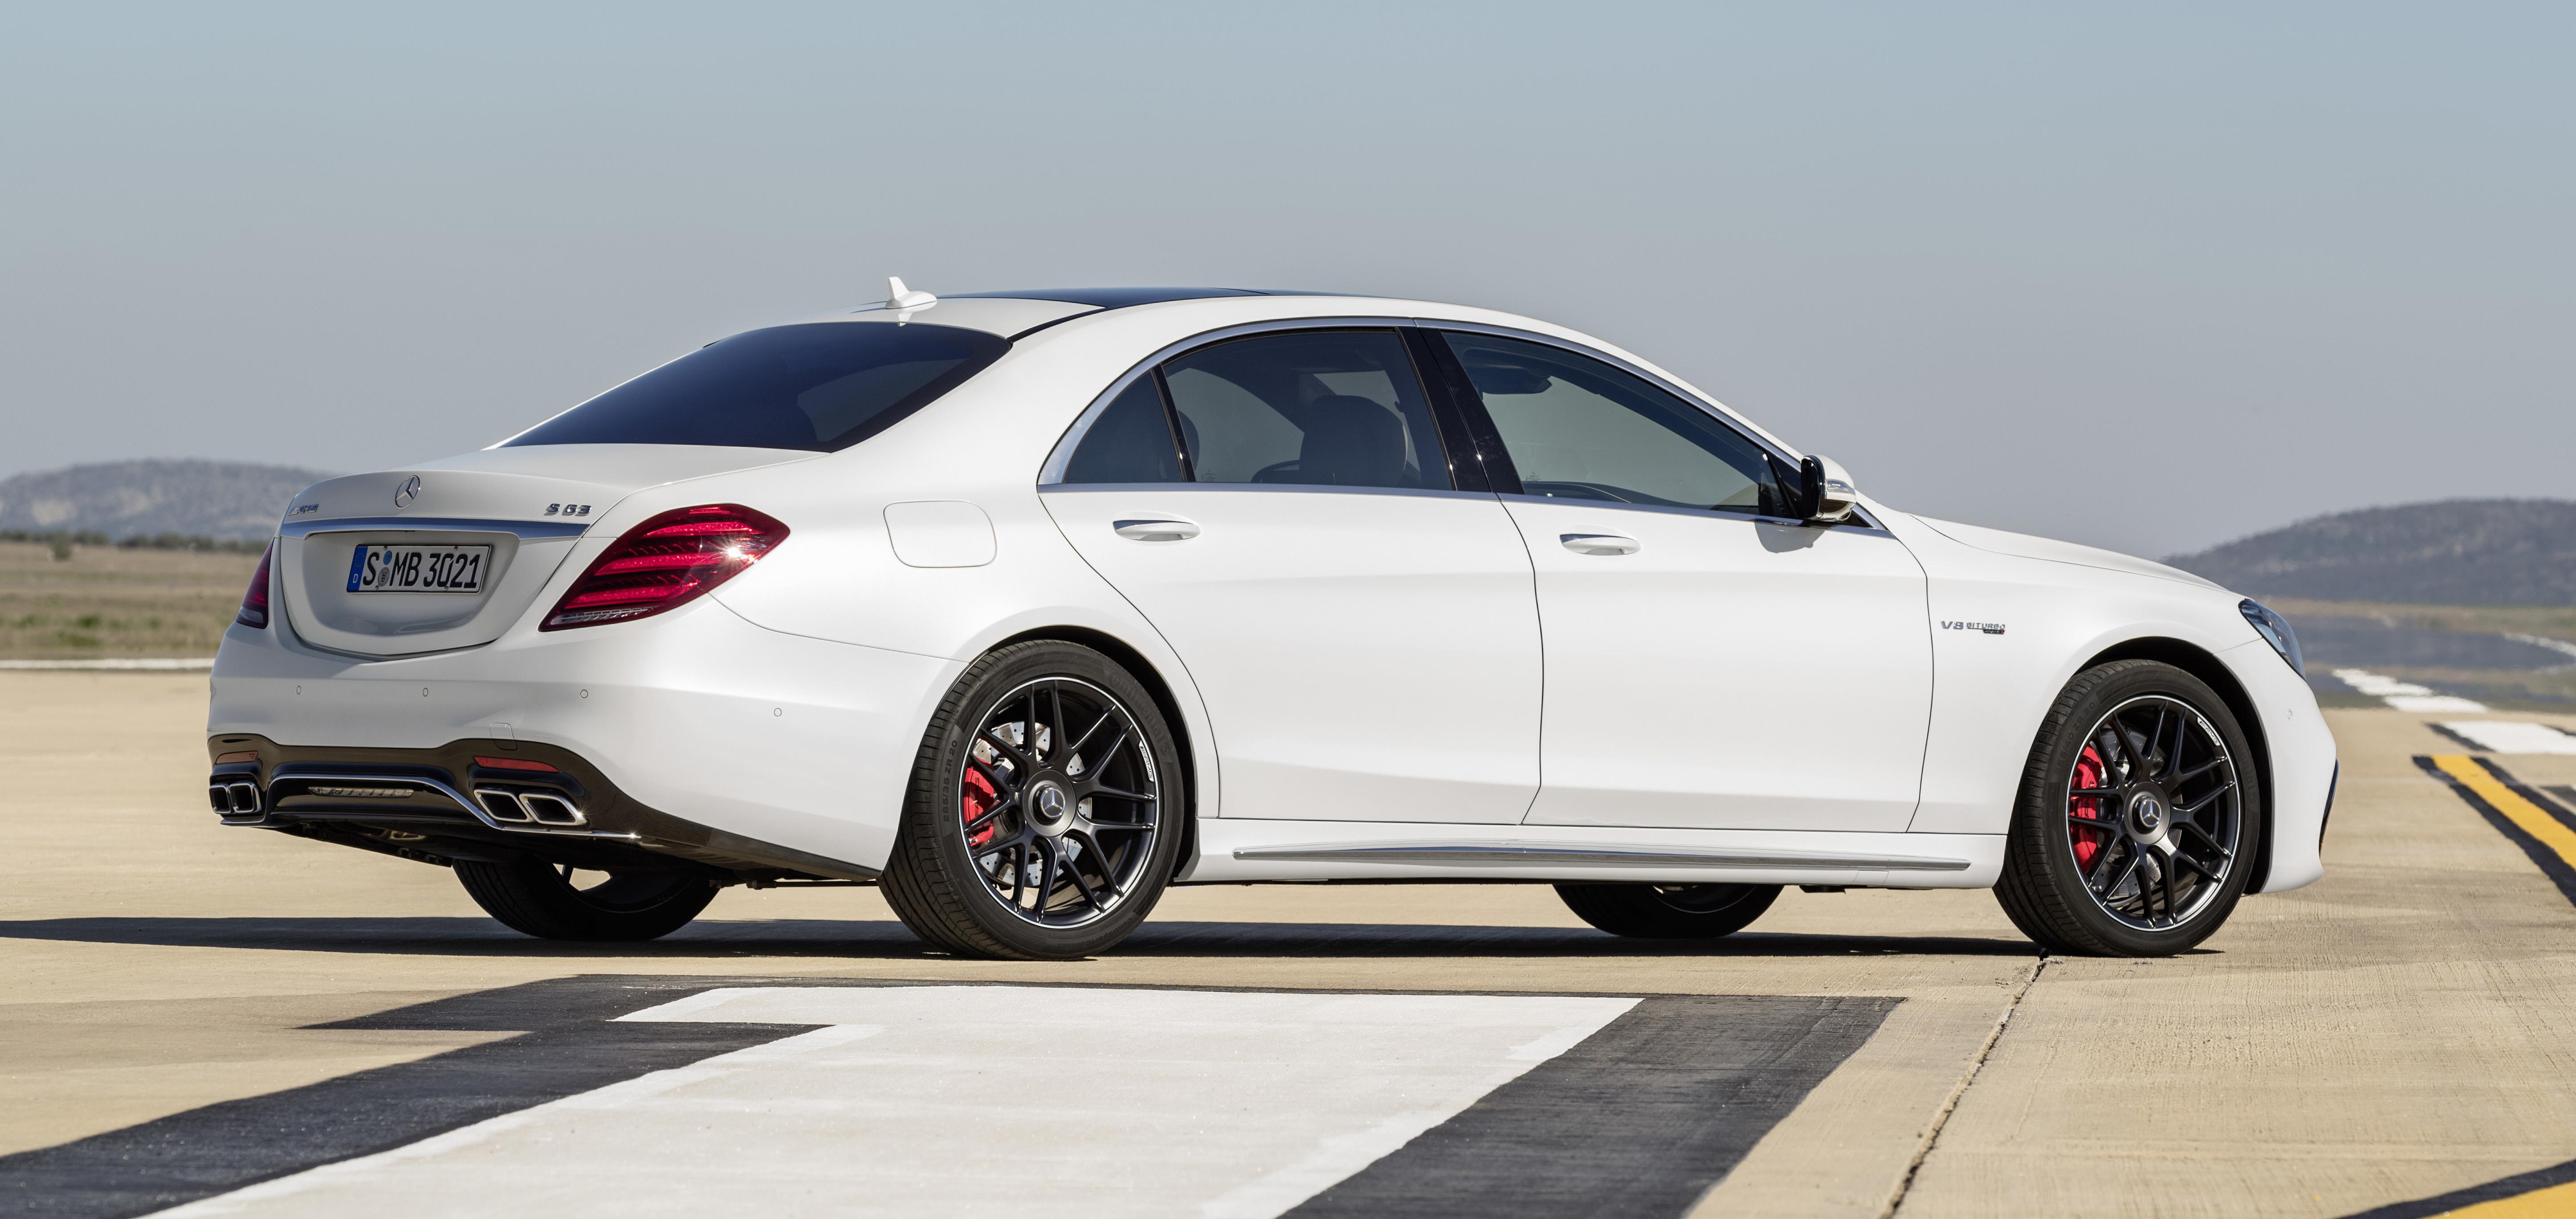 上海车展:小改款 Mercedes Benz S Class 正式发表! Mercedes Amg S 63